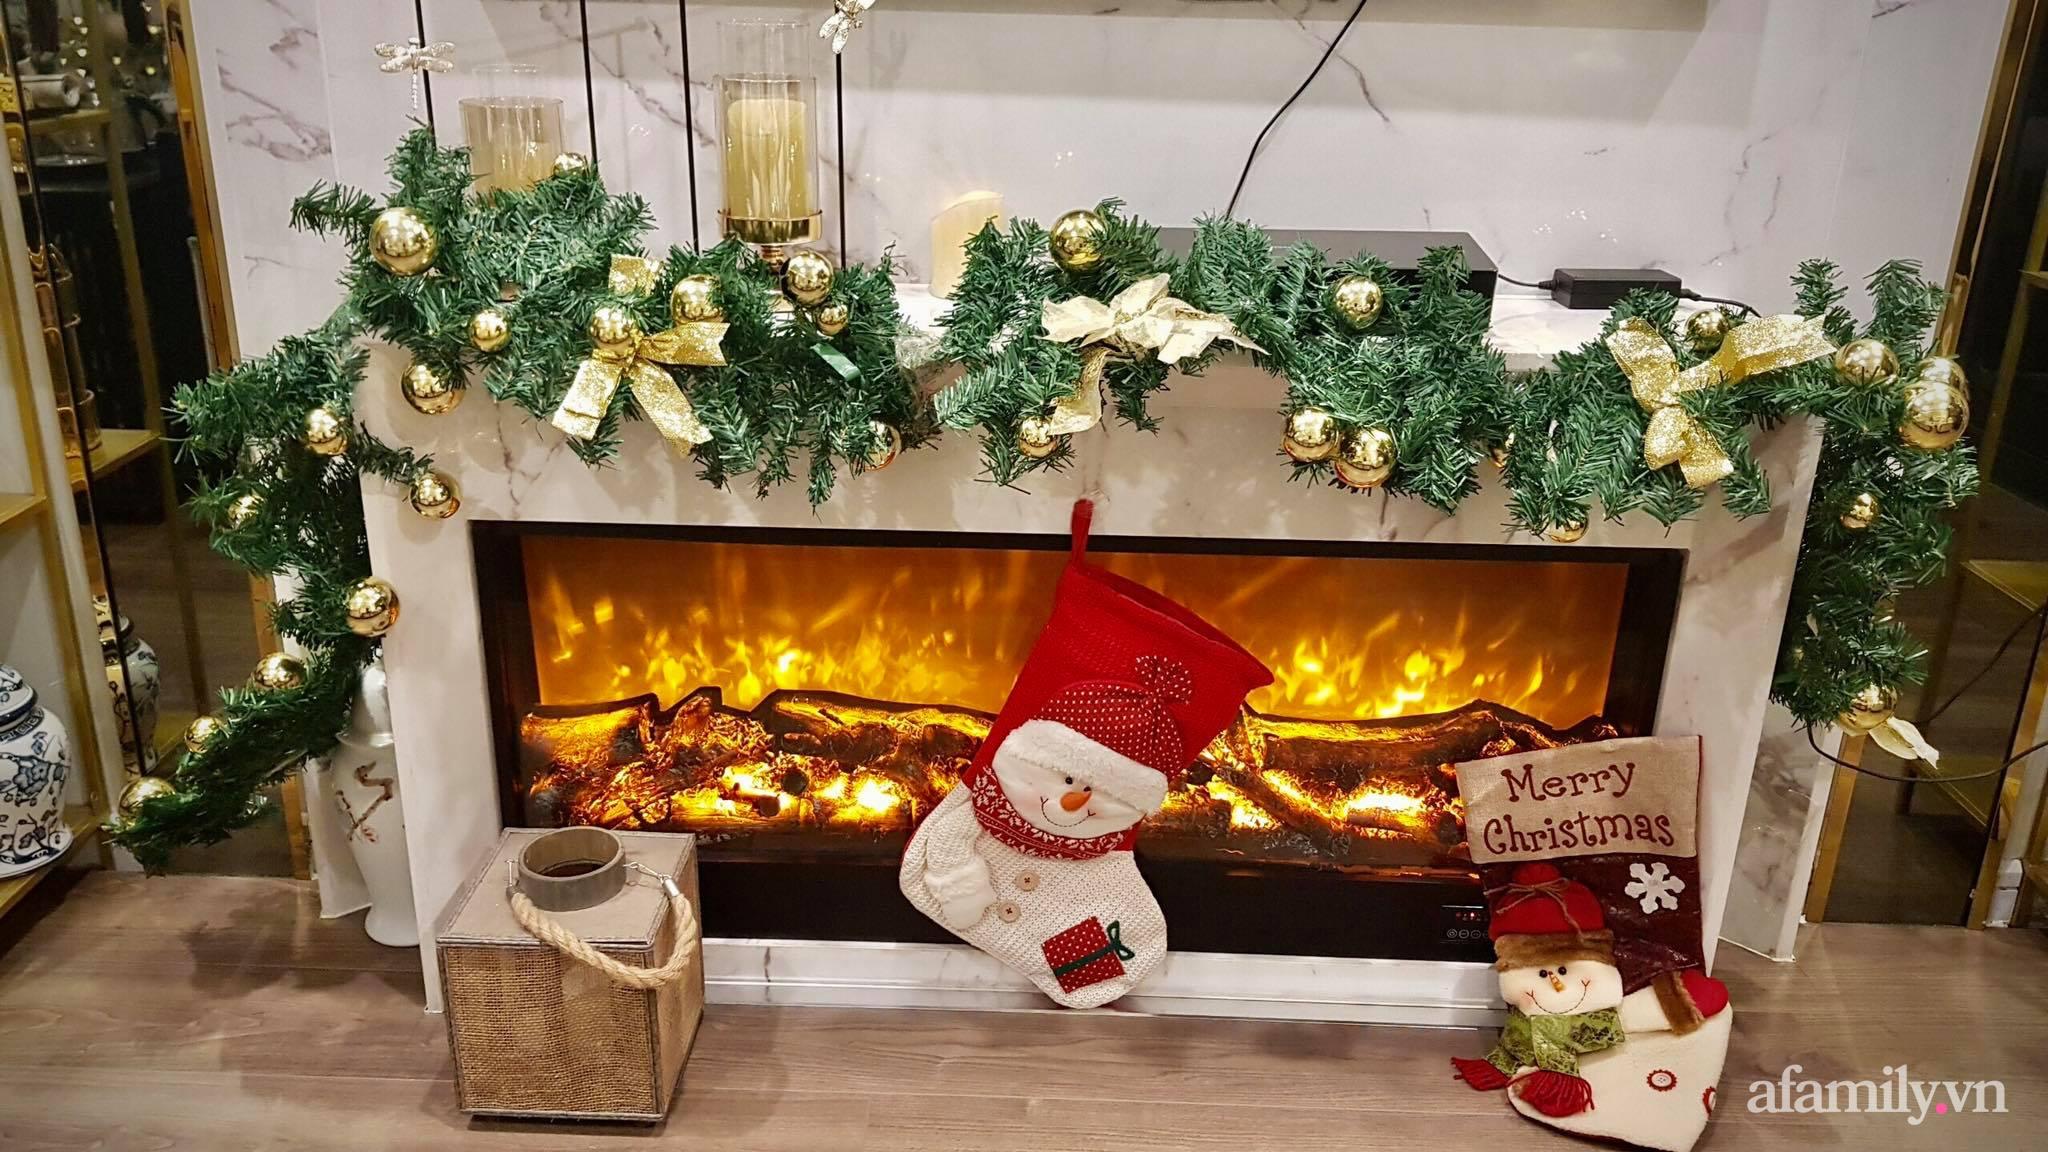 """Căn hộ """"thắp sáng"""" những sắc màu giúp từng góc nhỏ thêm ấm cúng đón Giáng sinh ở Hà Nội - Ảnh 3."""